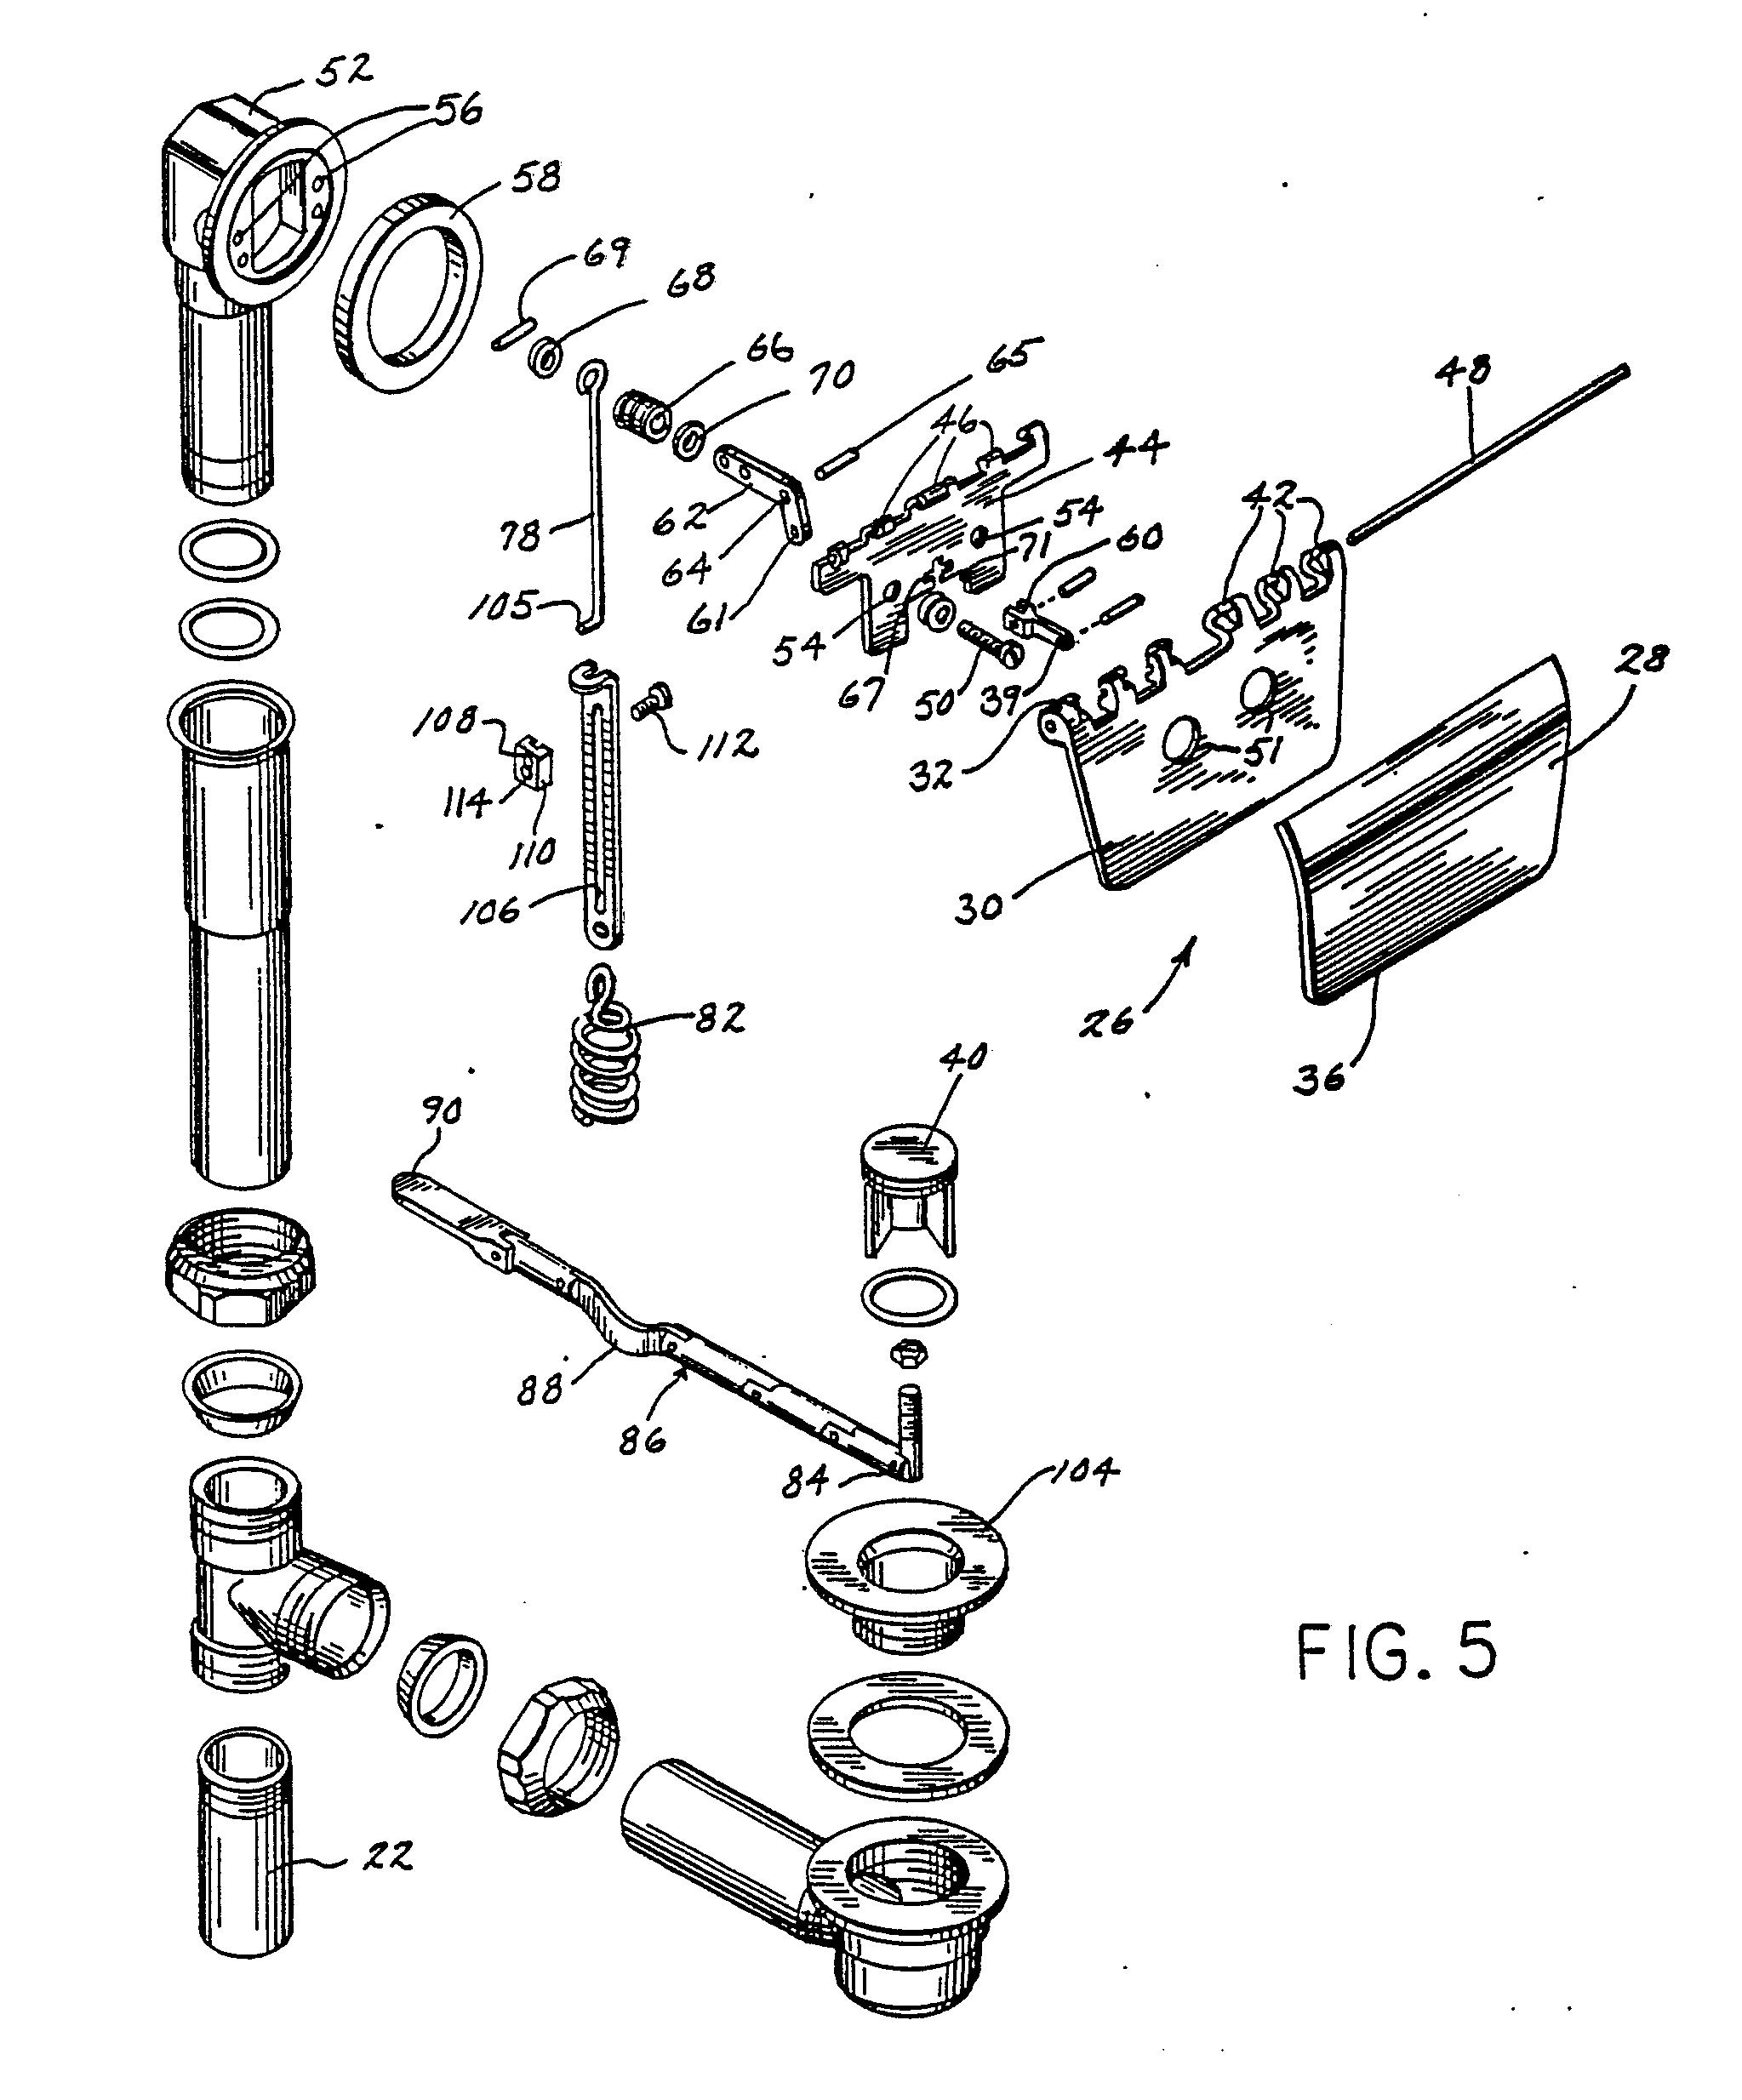 Patente EP0254938A2 Bathtub Drain Control Valve And